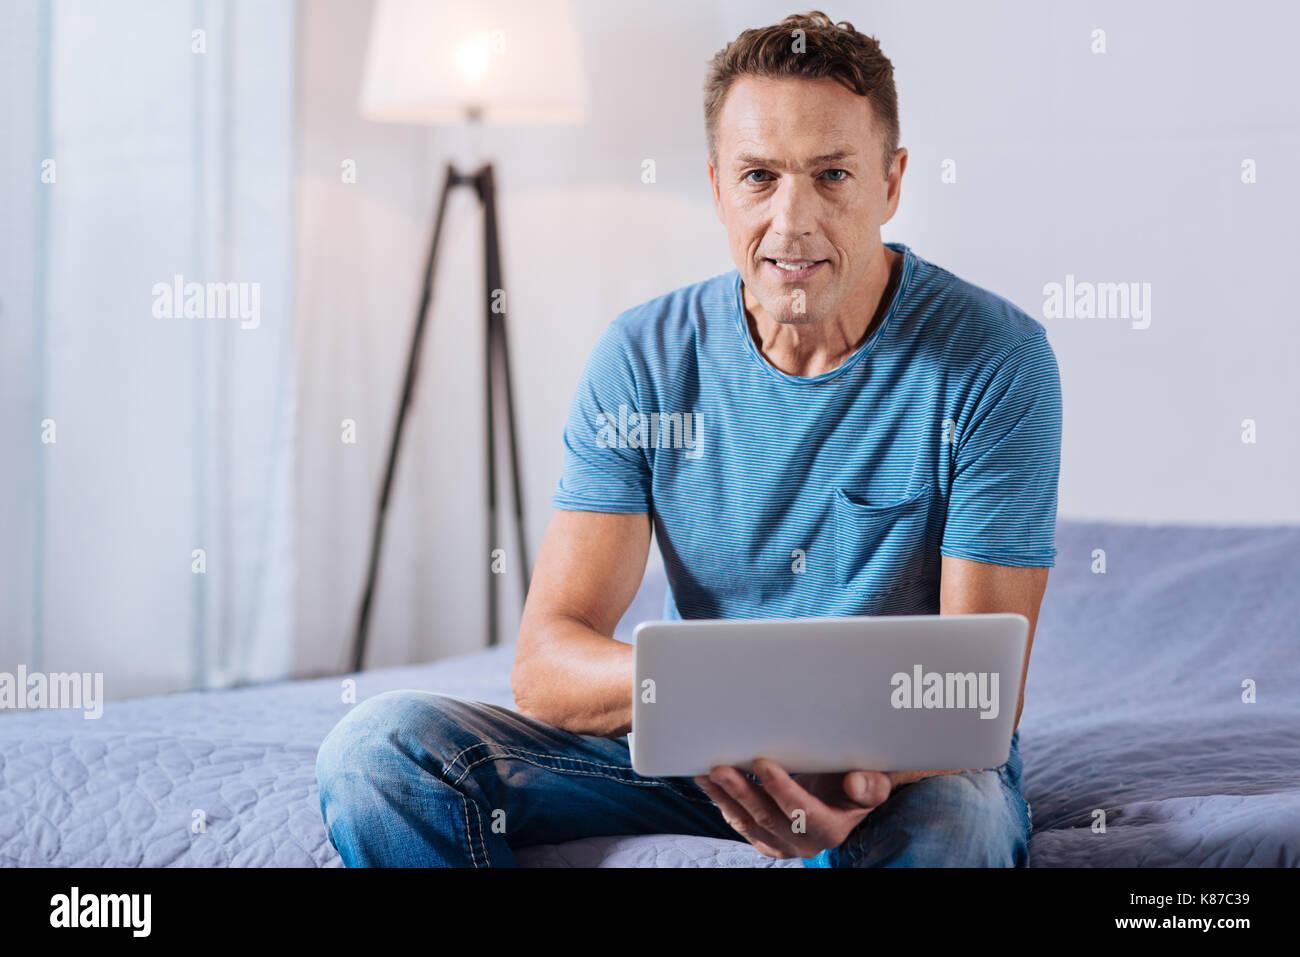 Guapo trabajando en el portátil en la habitación Imagen De Stock